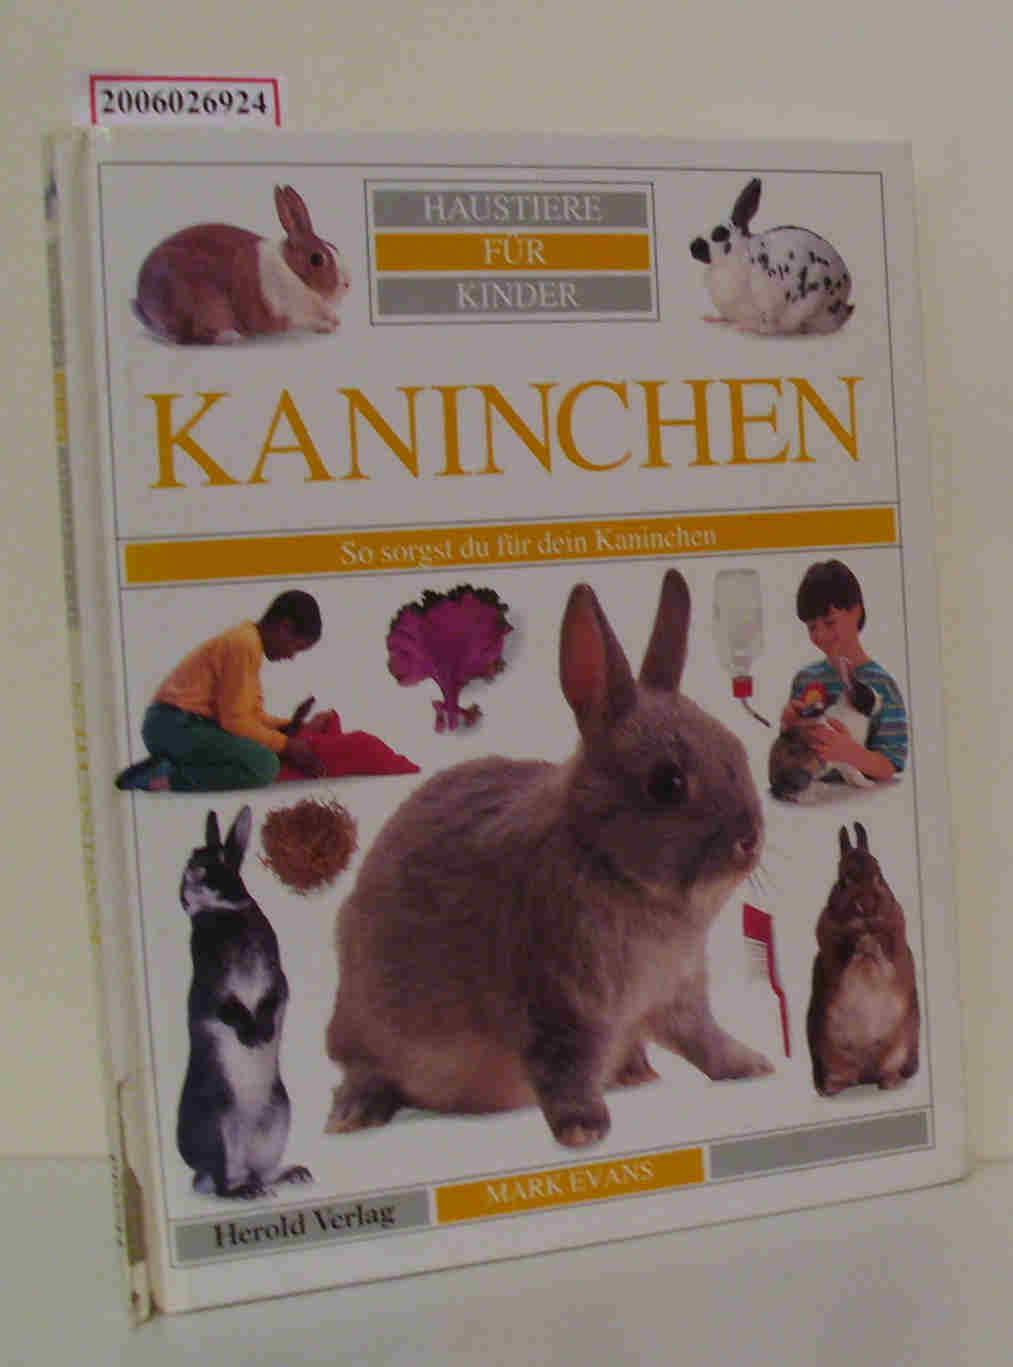 Haustiere für Kinder - Kaninchen So sorgst du für dein Kaninchen